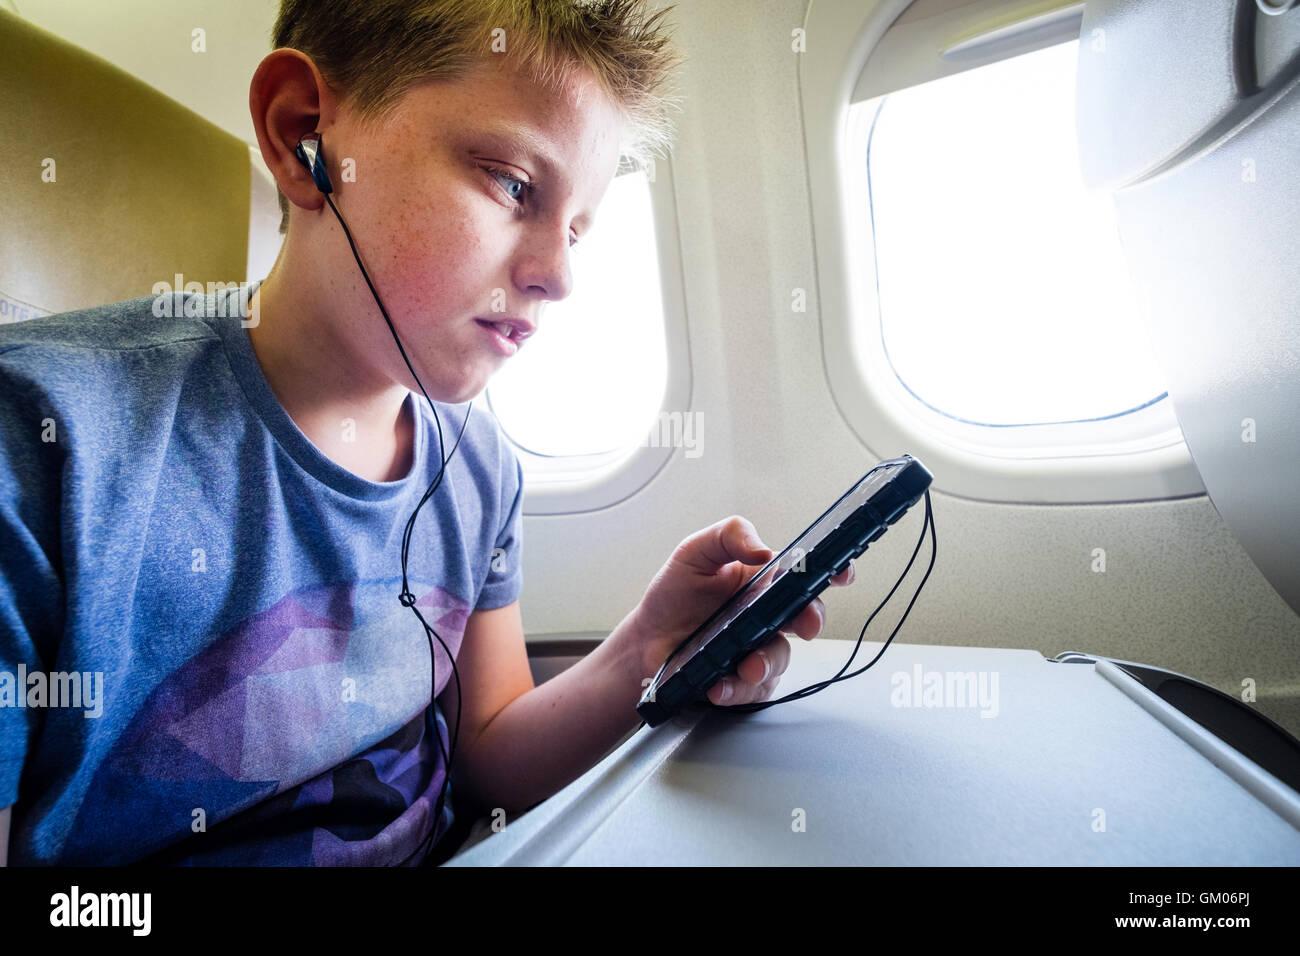 Ein Teenager mit seinem Mobiltelefon während des Fluges im Flugzeug Musik hören Stockbild